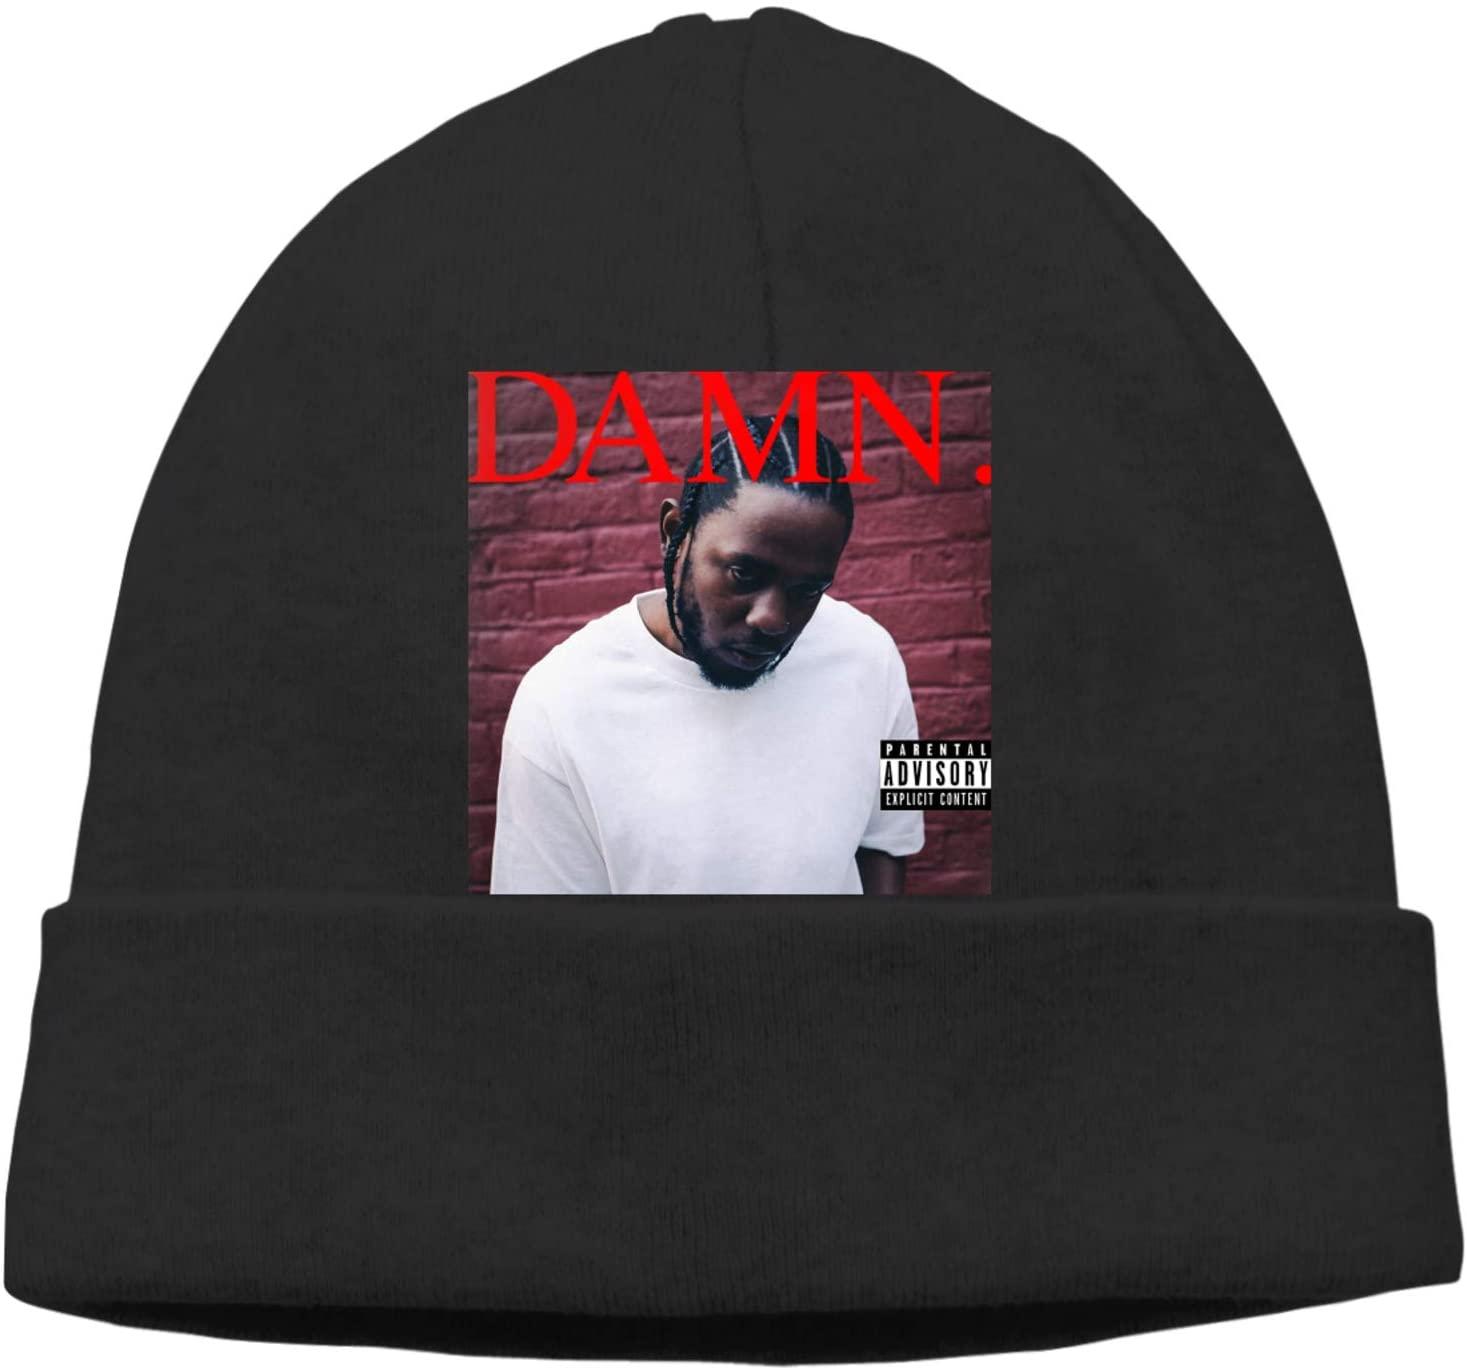 Wbenda Kendrick Lamar?Damn Hedging Cap Funny Skull Beanies Thin Bonnet Cap Autumn Casual Beanies Hat Black